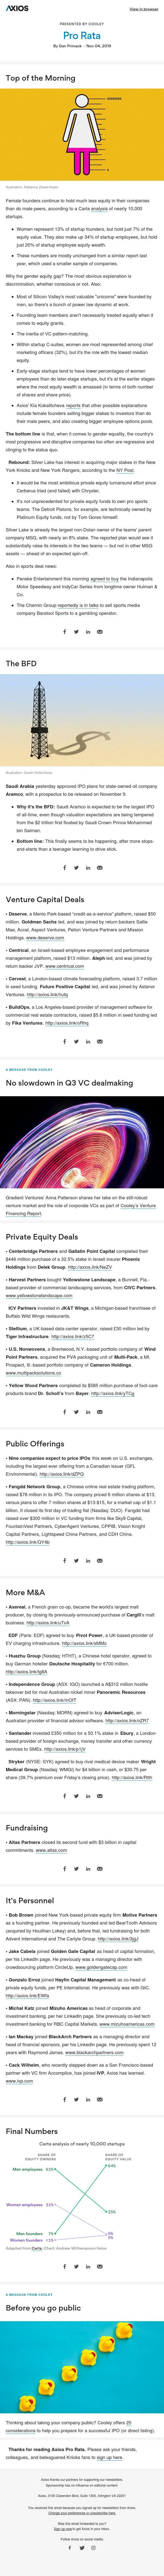 Axios Pro Rata: Gender pay gap, equity edition — Silver Lake eyes Knicks — Saudi Aramco finally begins IPO